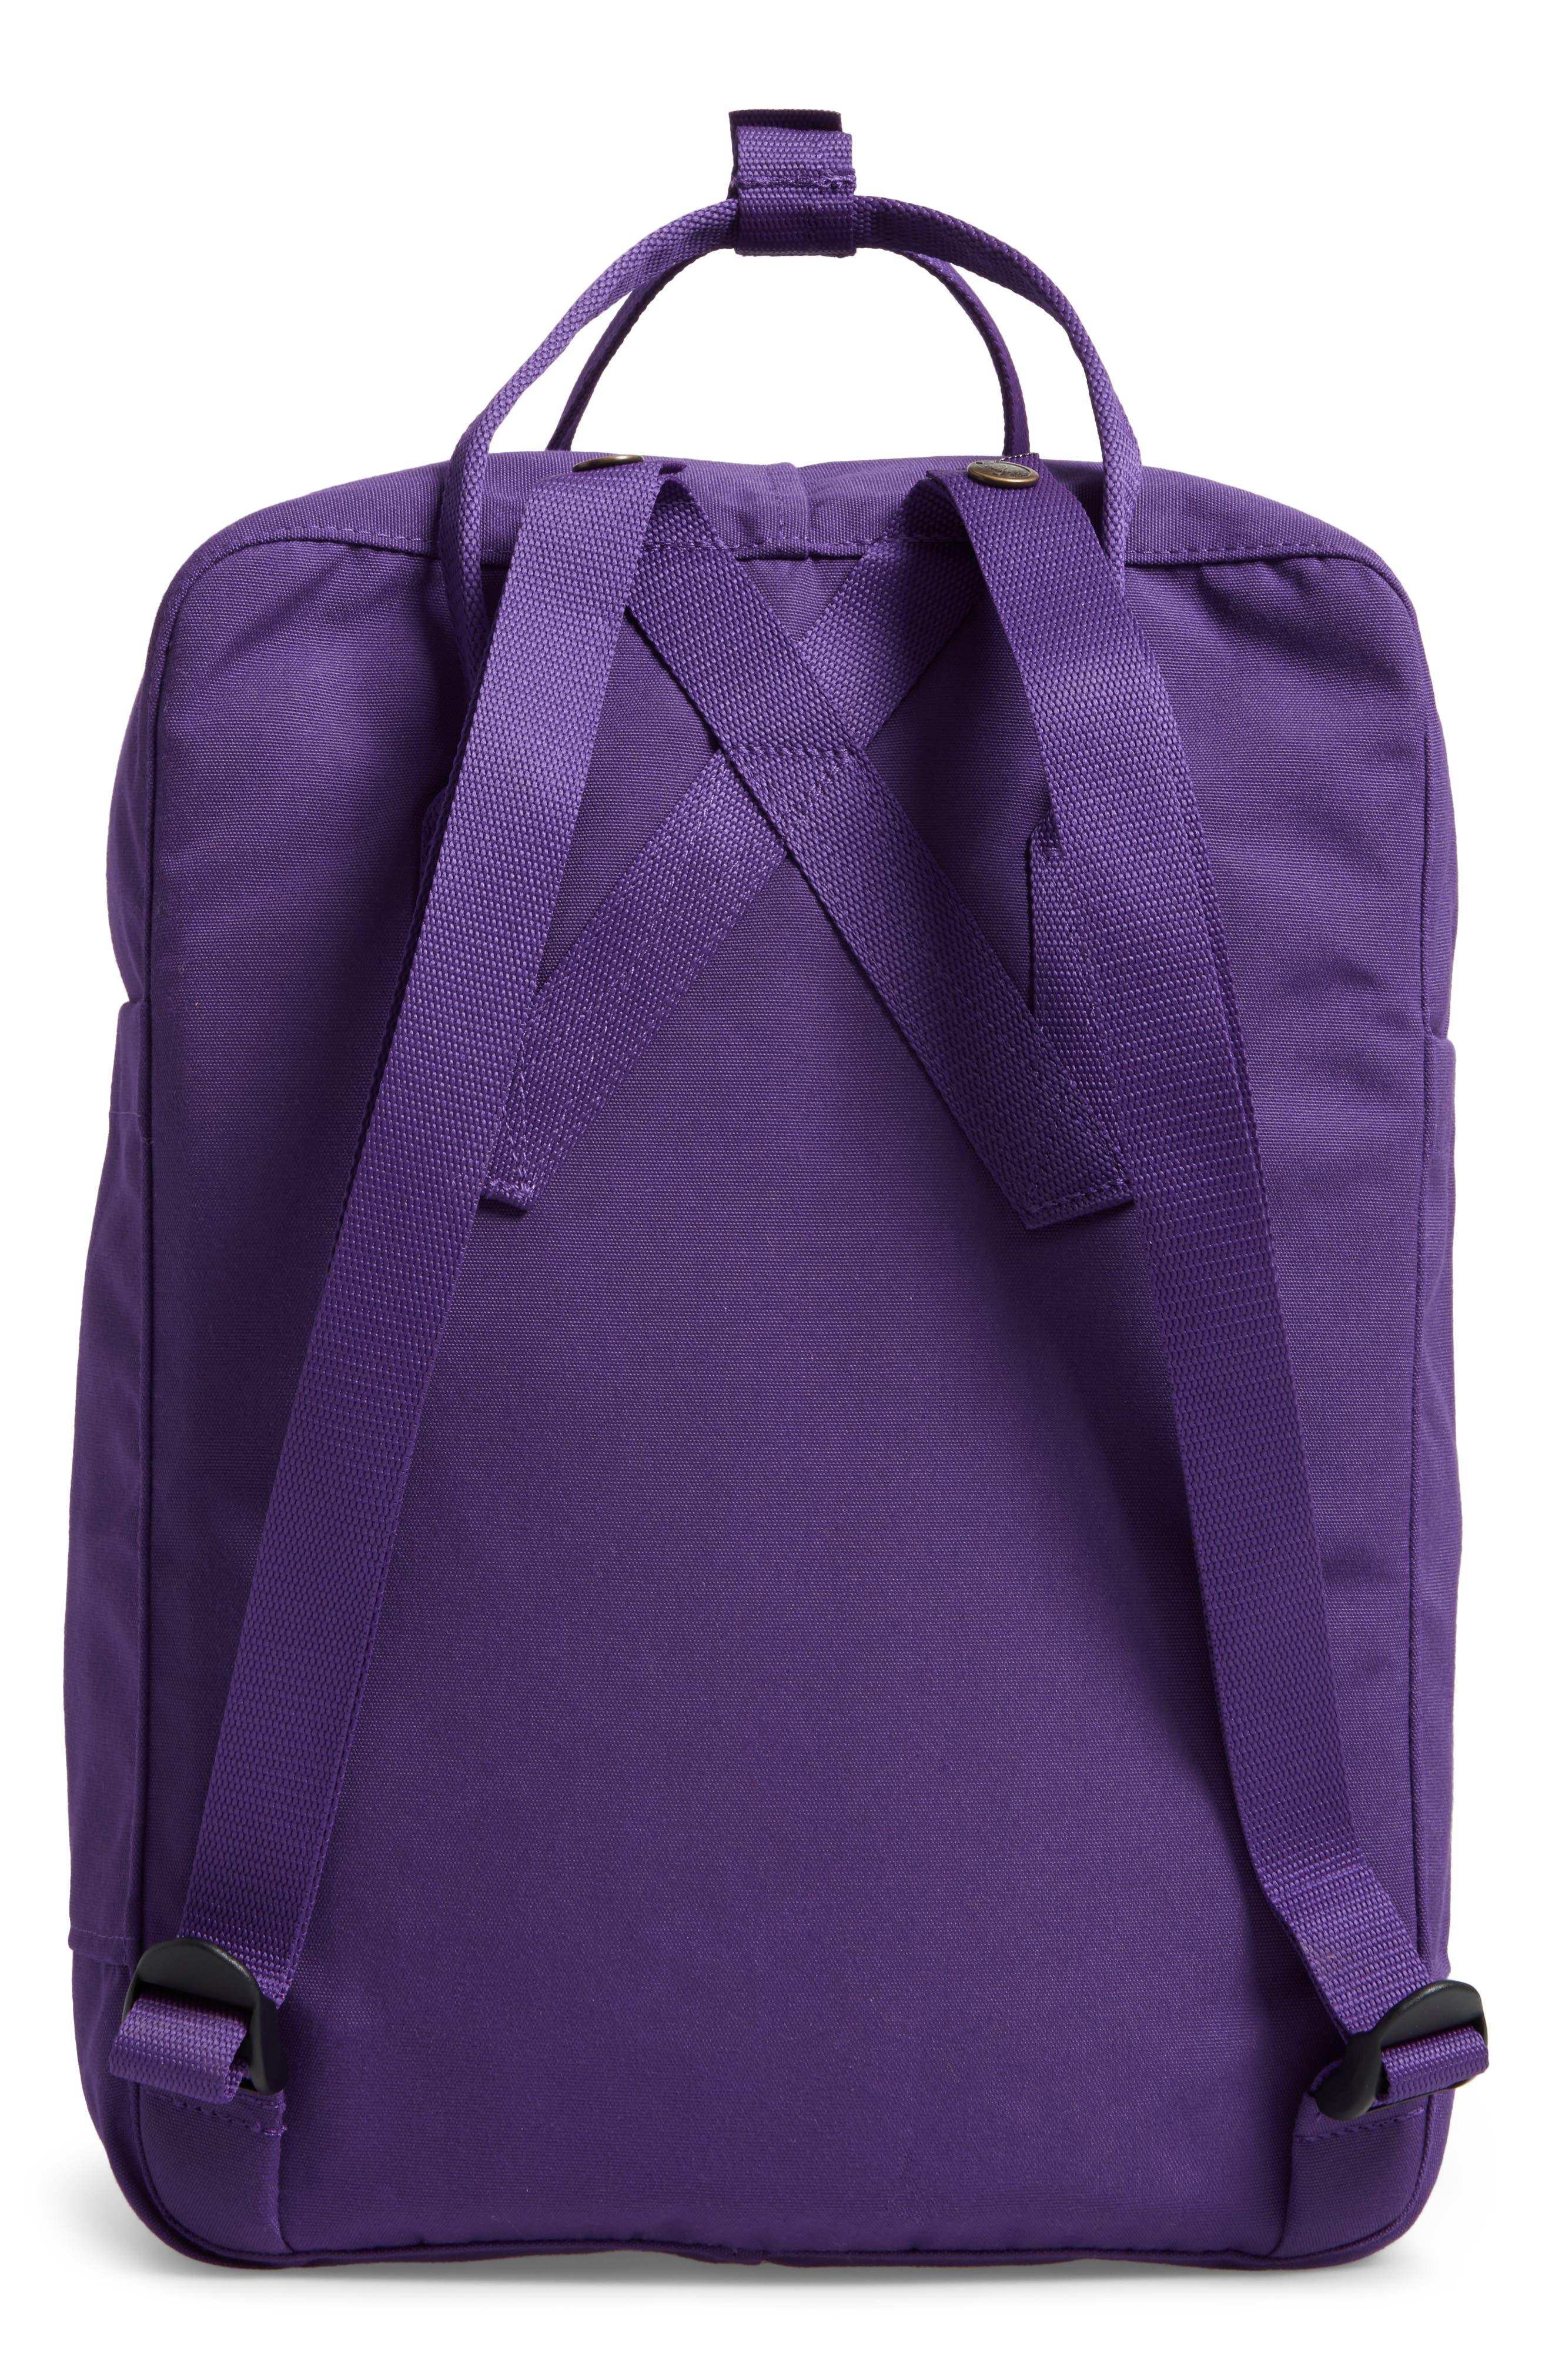 Alternate Image 3  - Fjällräven Re-Kånken Water Resistant Backpack